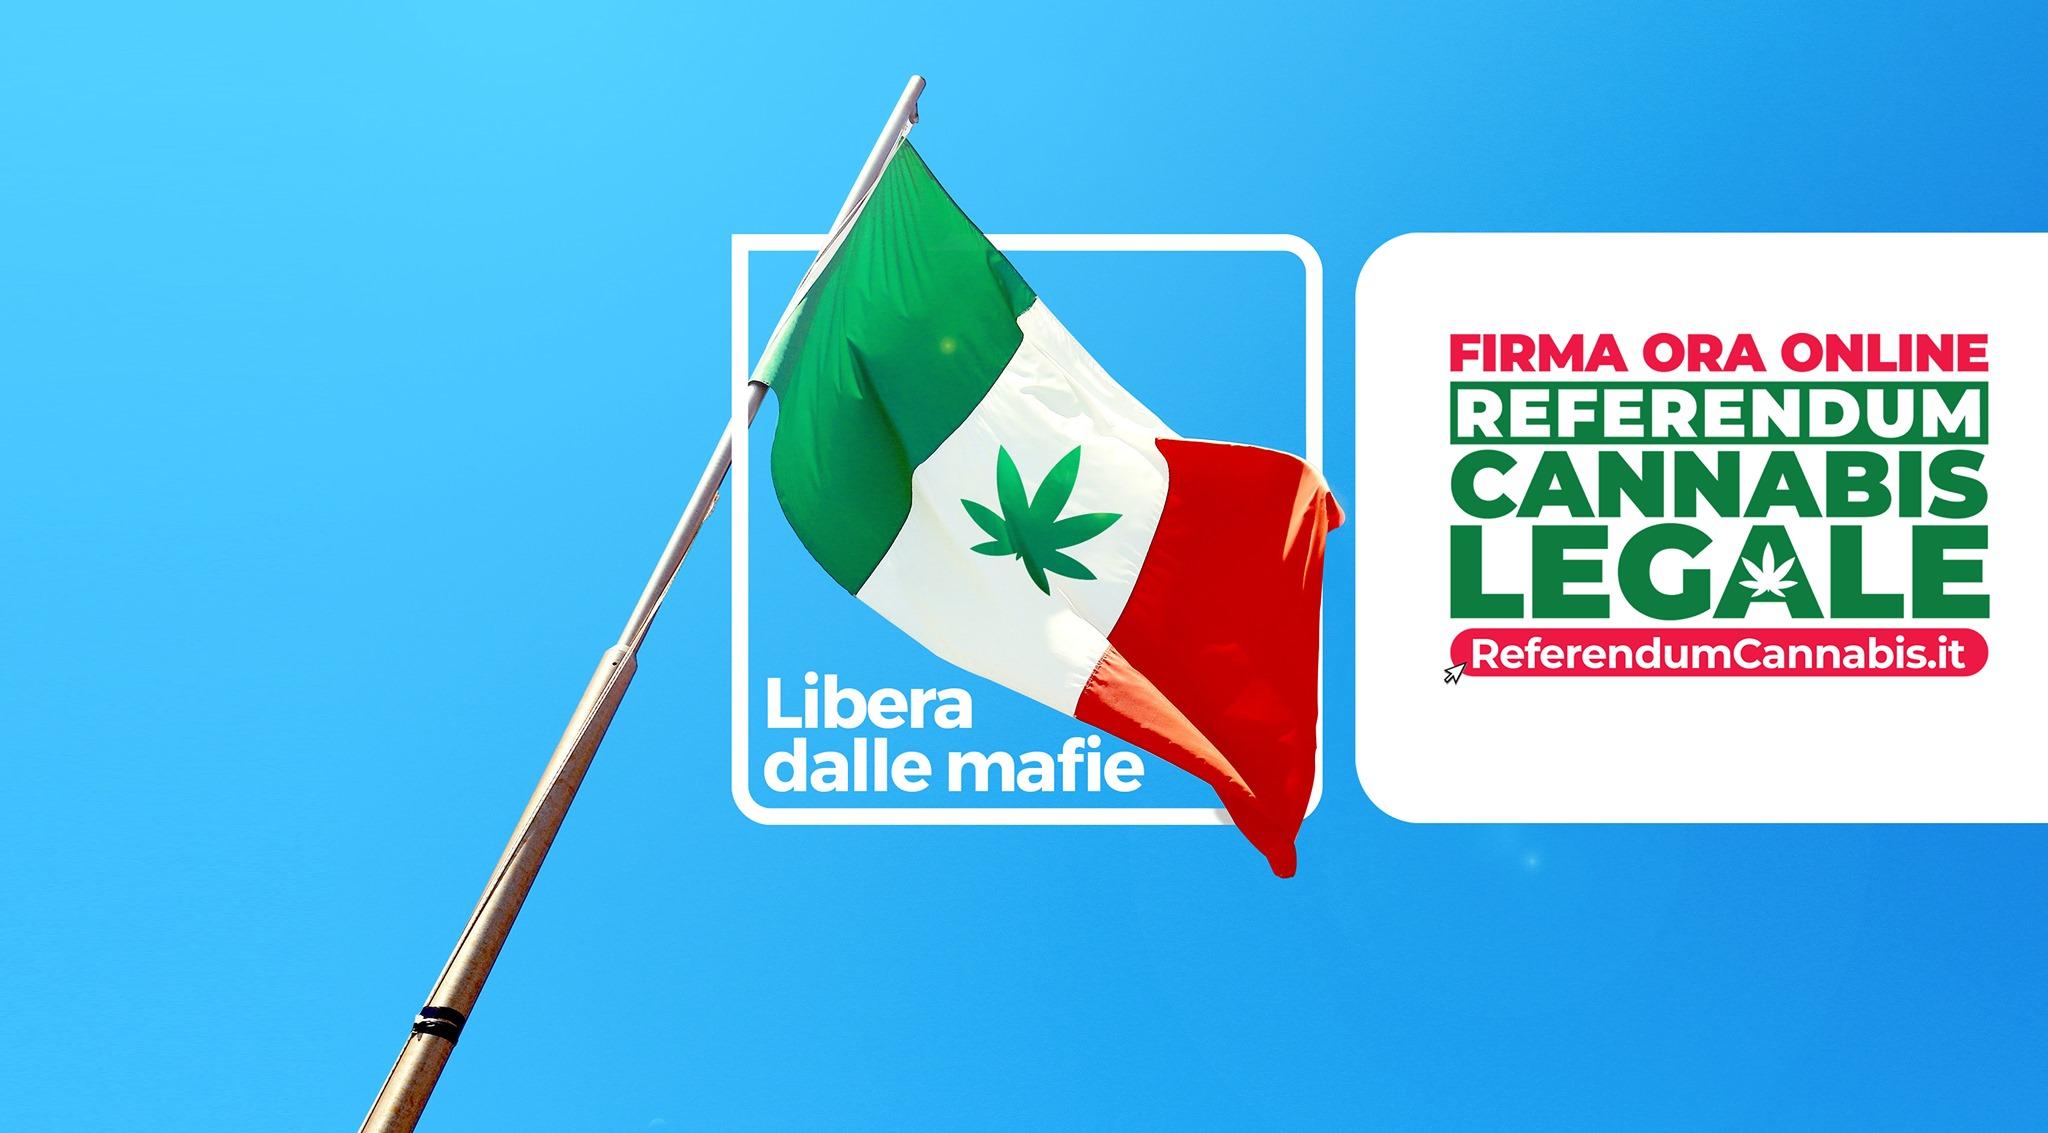 Изображение — ReferendumCannabis.